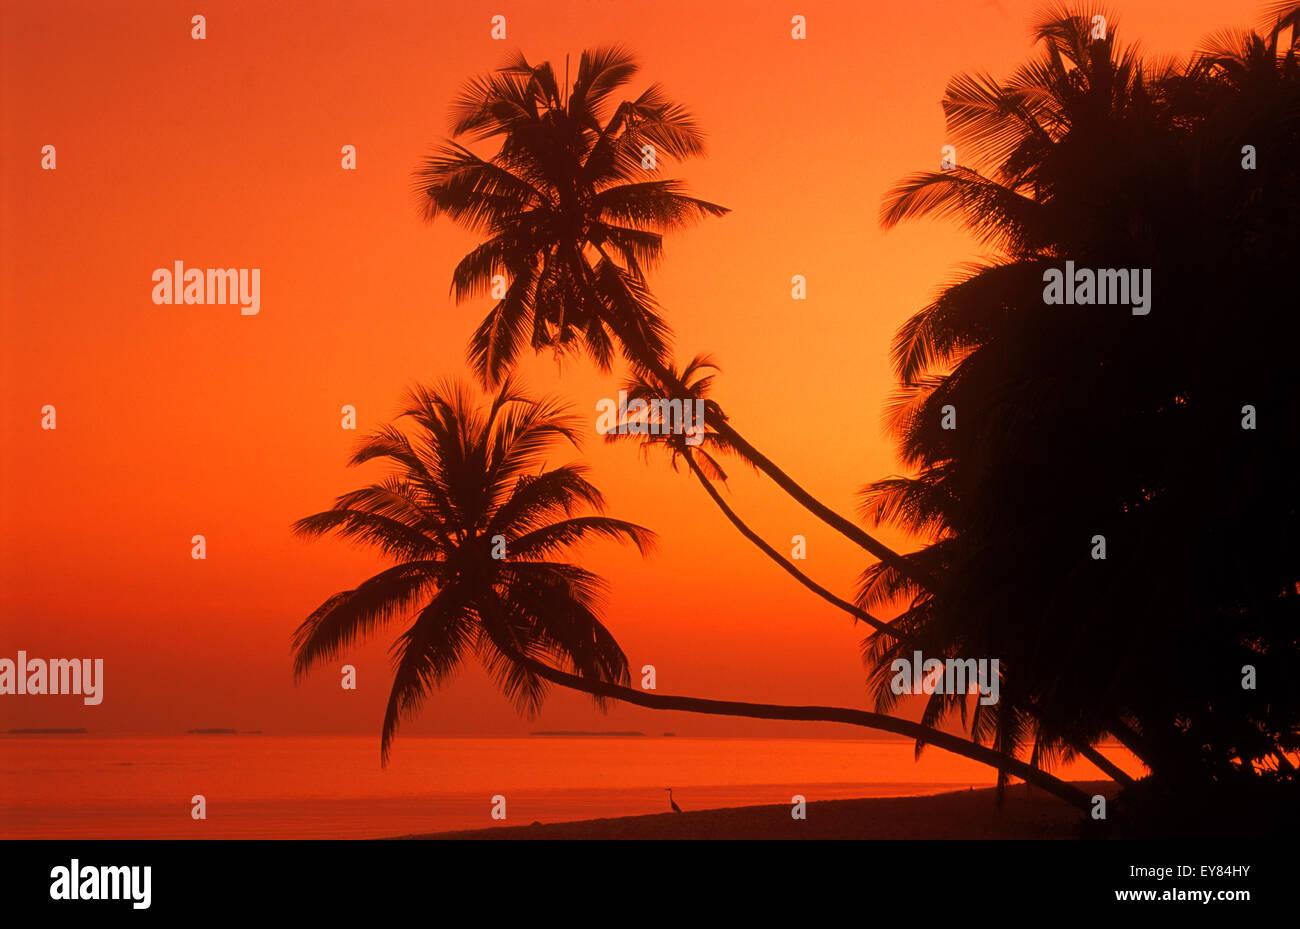 Palmiers sur la rive avec calme et heron bateau passant à l'aube en Maldives Banque D'Images